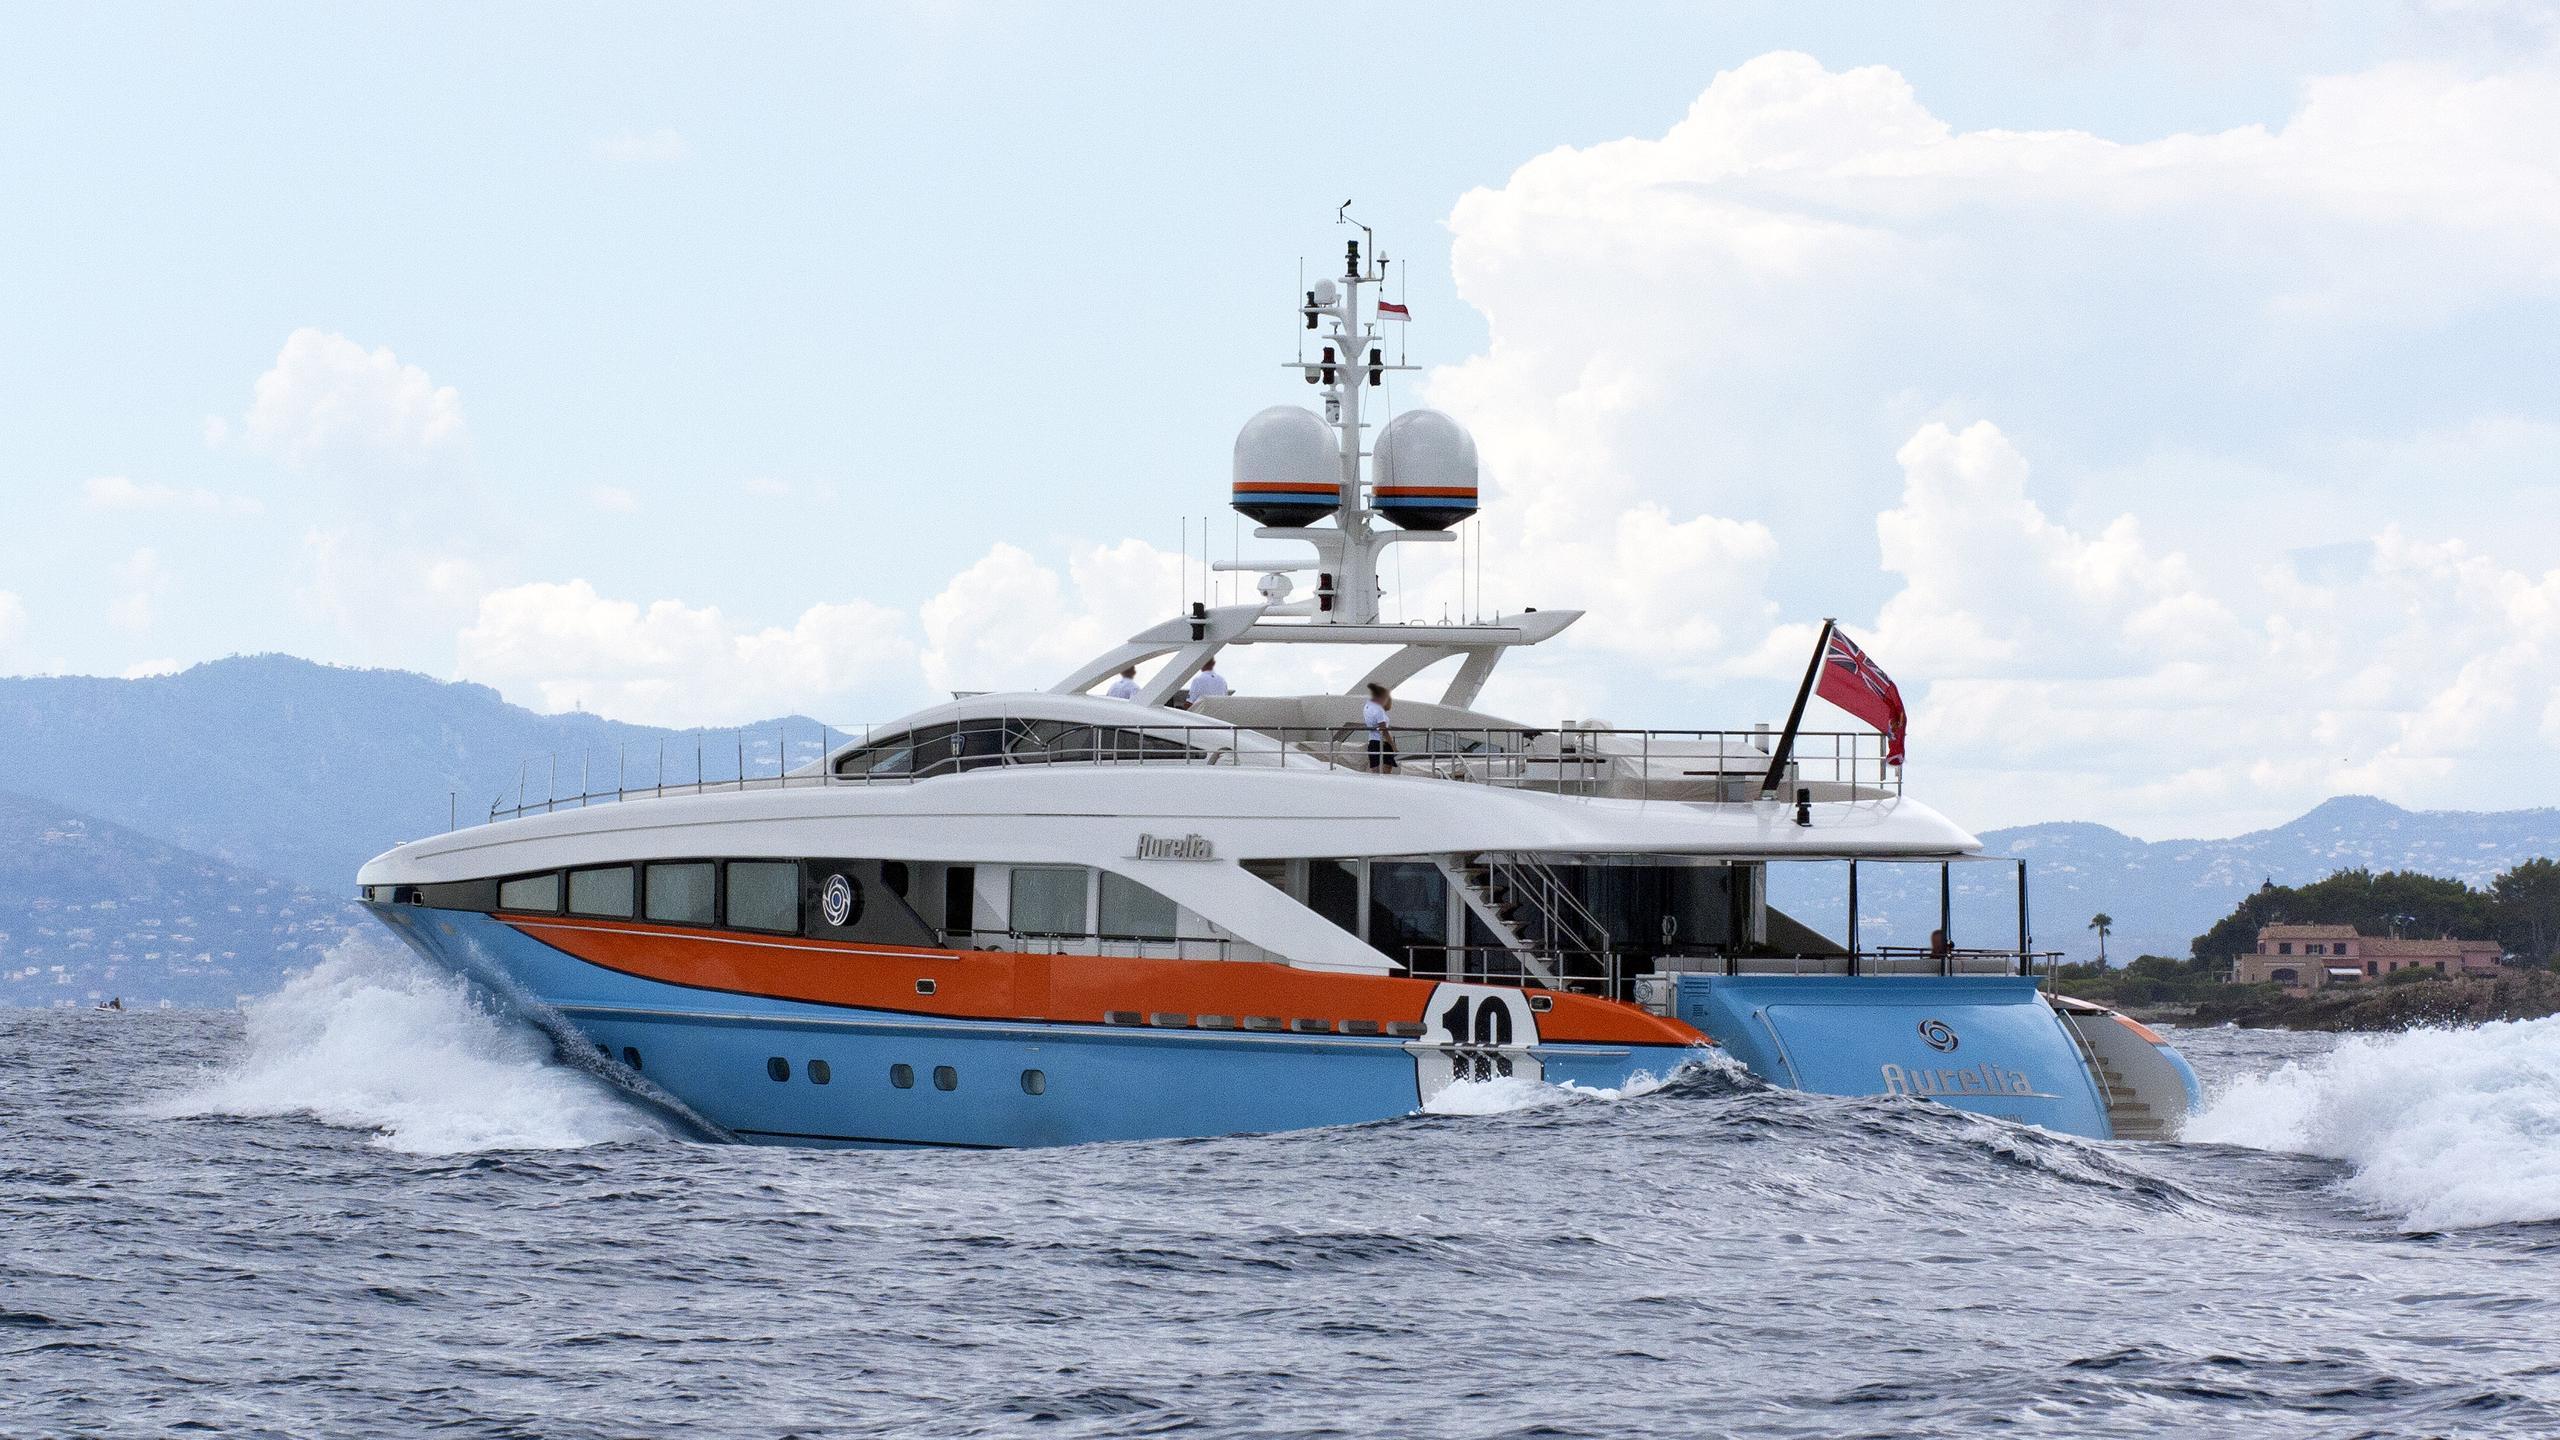 aurelia-motor-yacht-heesen-3700-20100-37m-stern